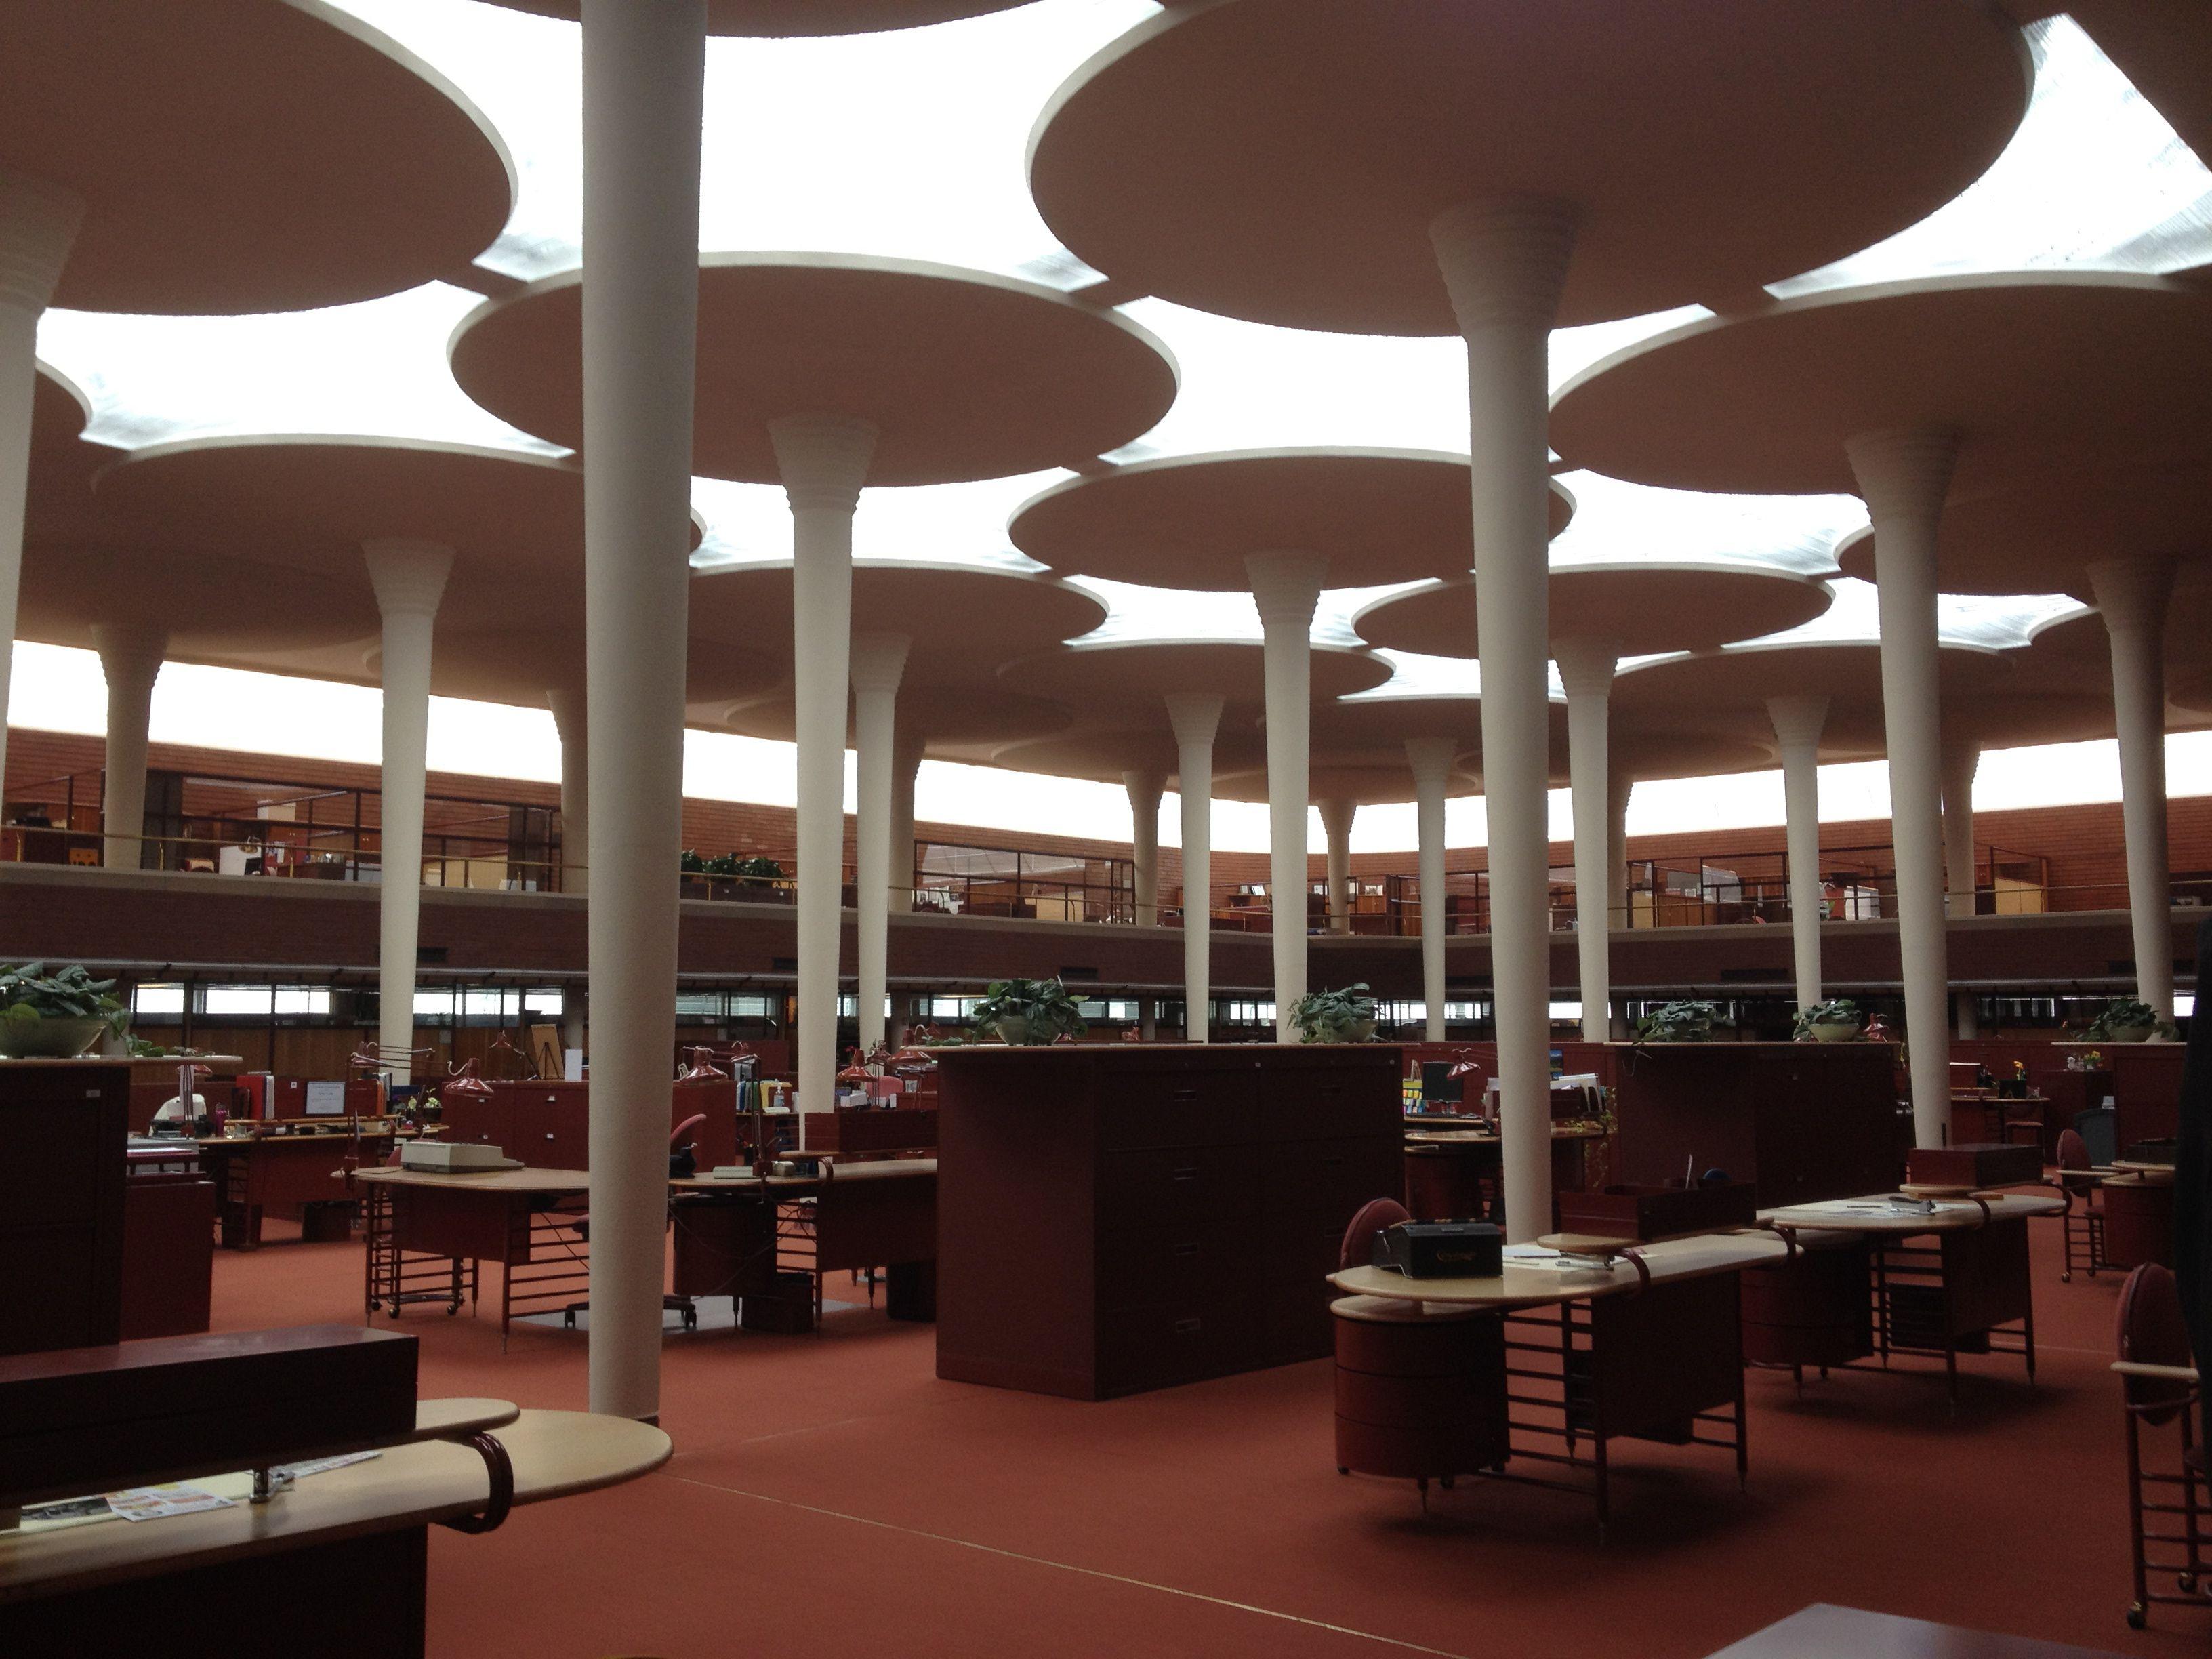 Johnson Wax Building - Frank Lloyd Wright   modernism ...